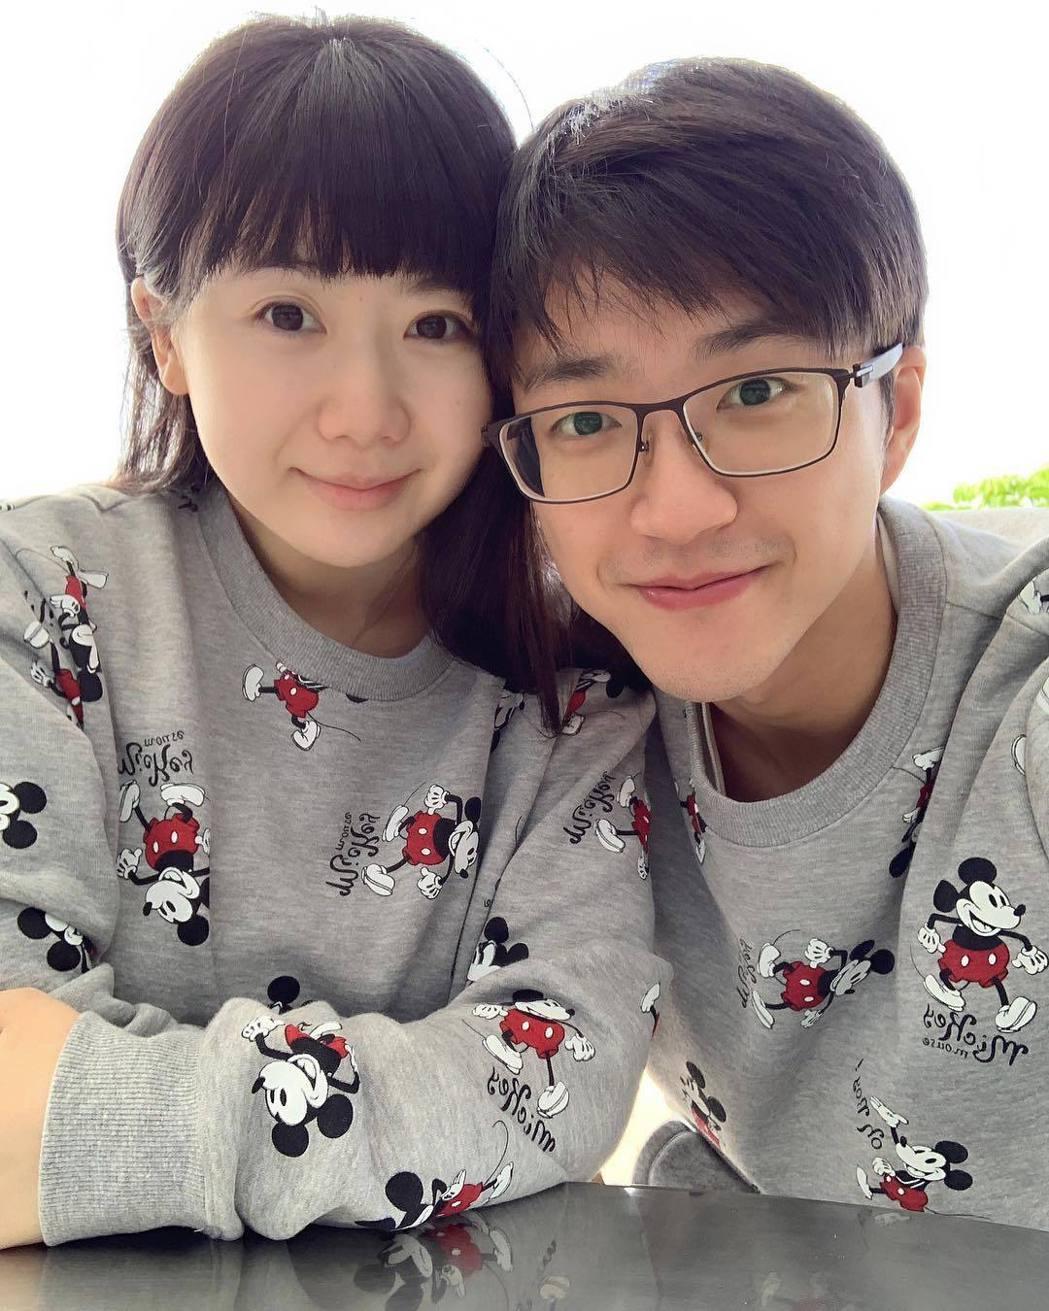 江宏傑(右)、福原愛的恩愛已成往事,跨國婚姻官司即將開打。圖/摘自IG